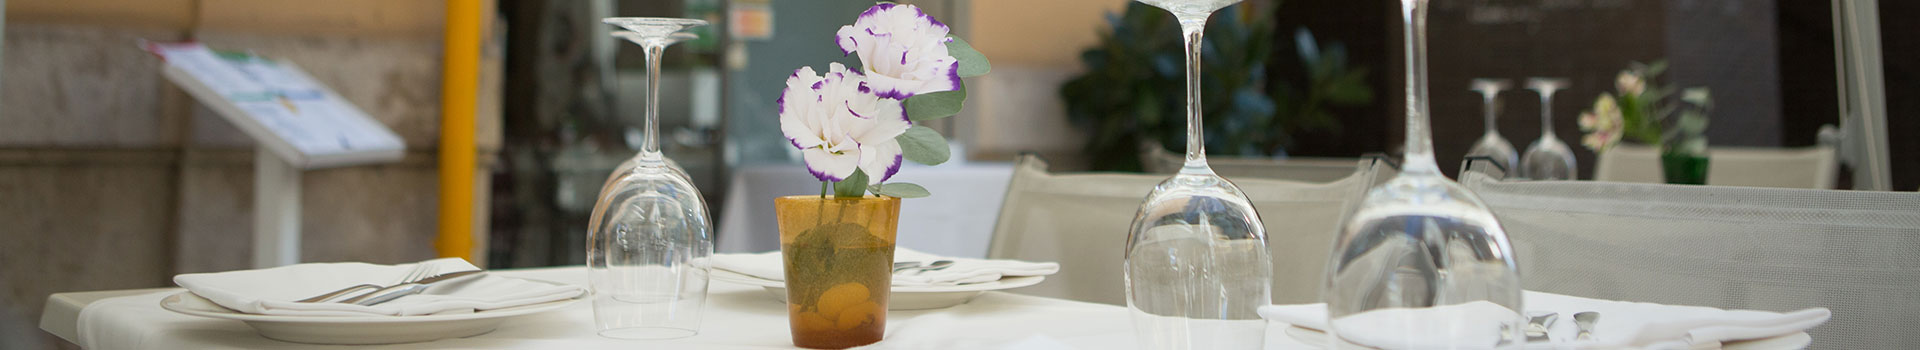 menu-del-dia-restaurante-navarro-cocina-mediterranea-centro-valencia